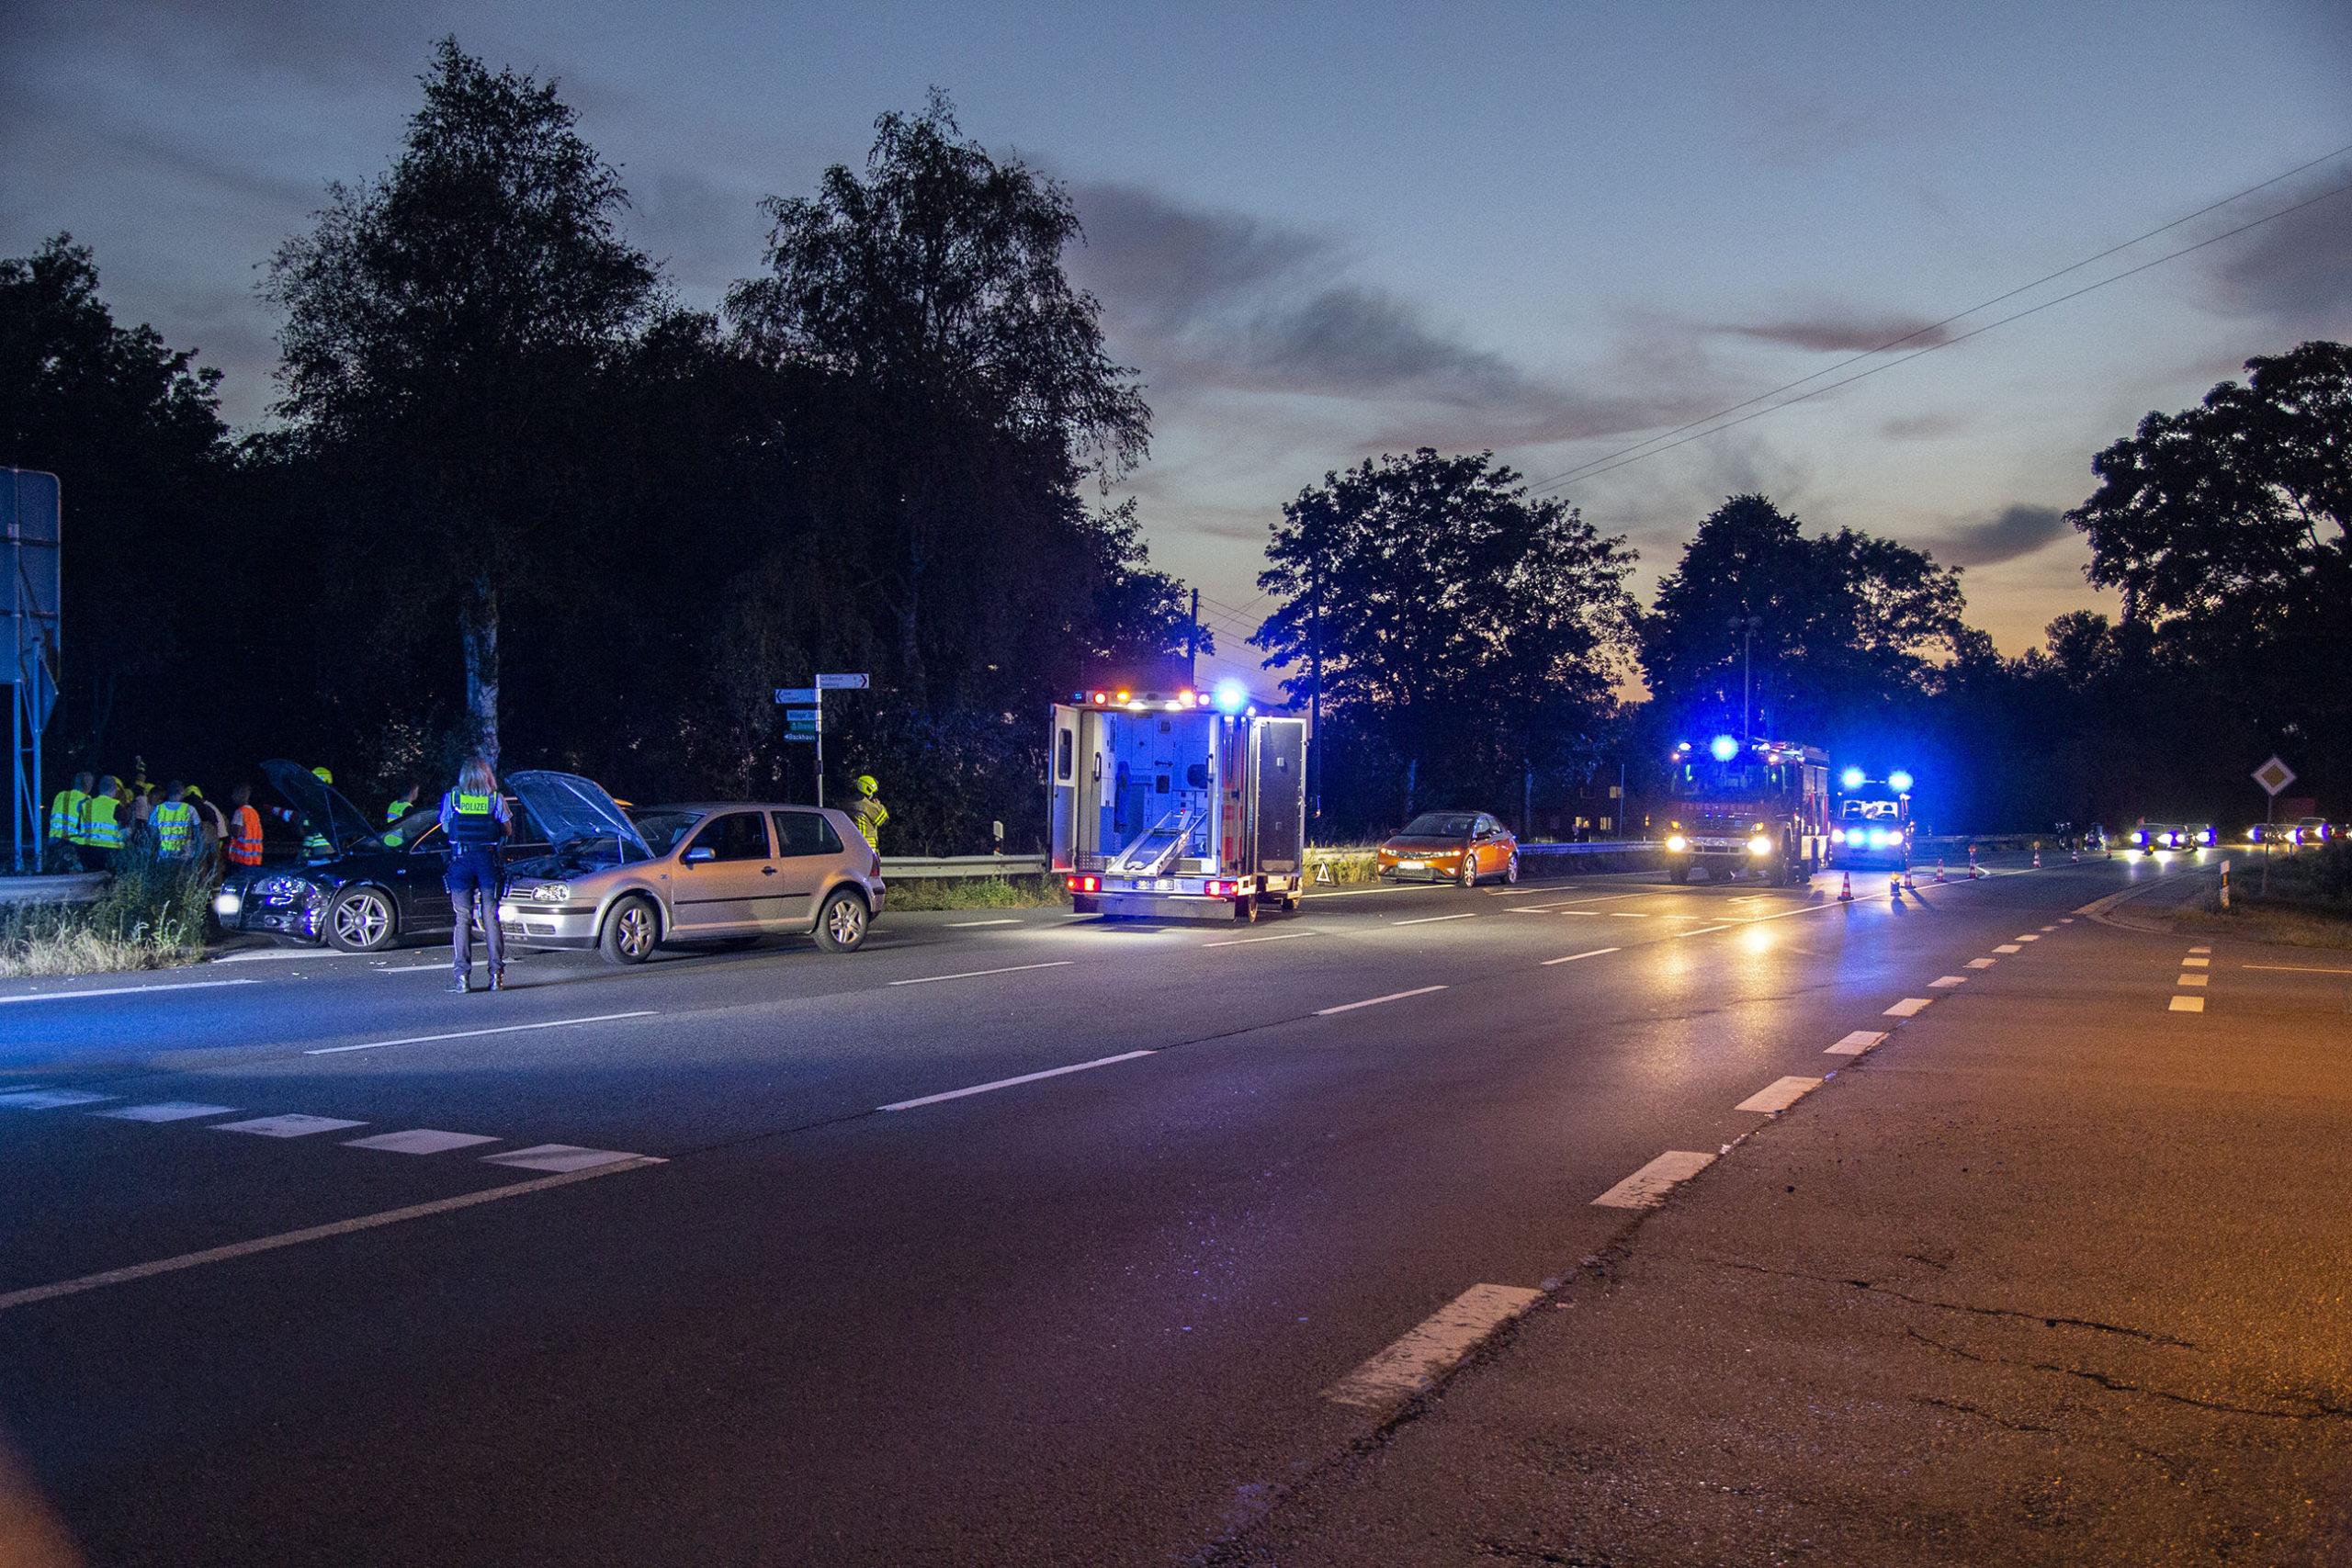 Zwei verletzte Personen bei Verkehrsunfall